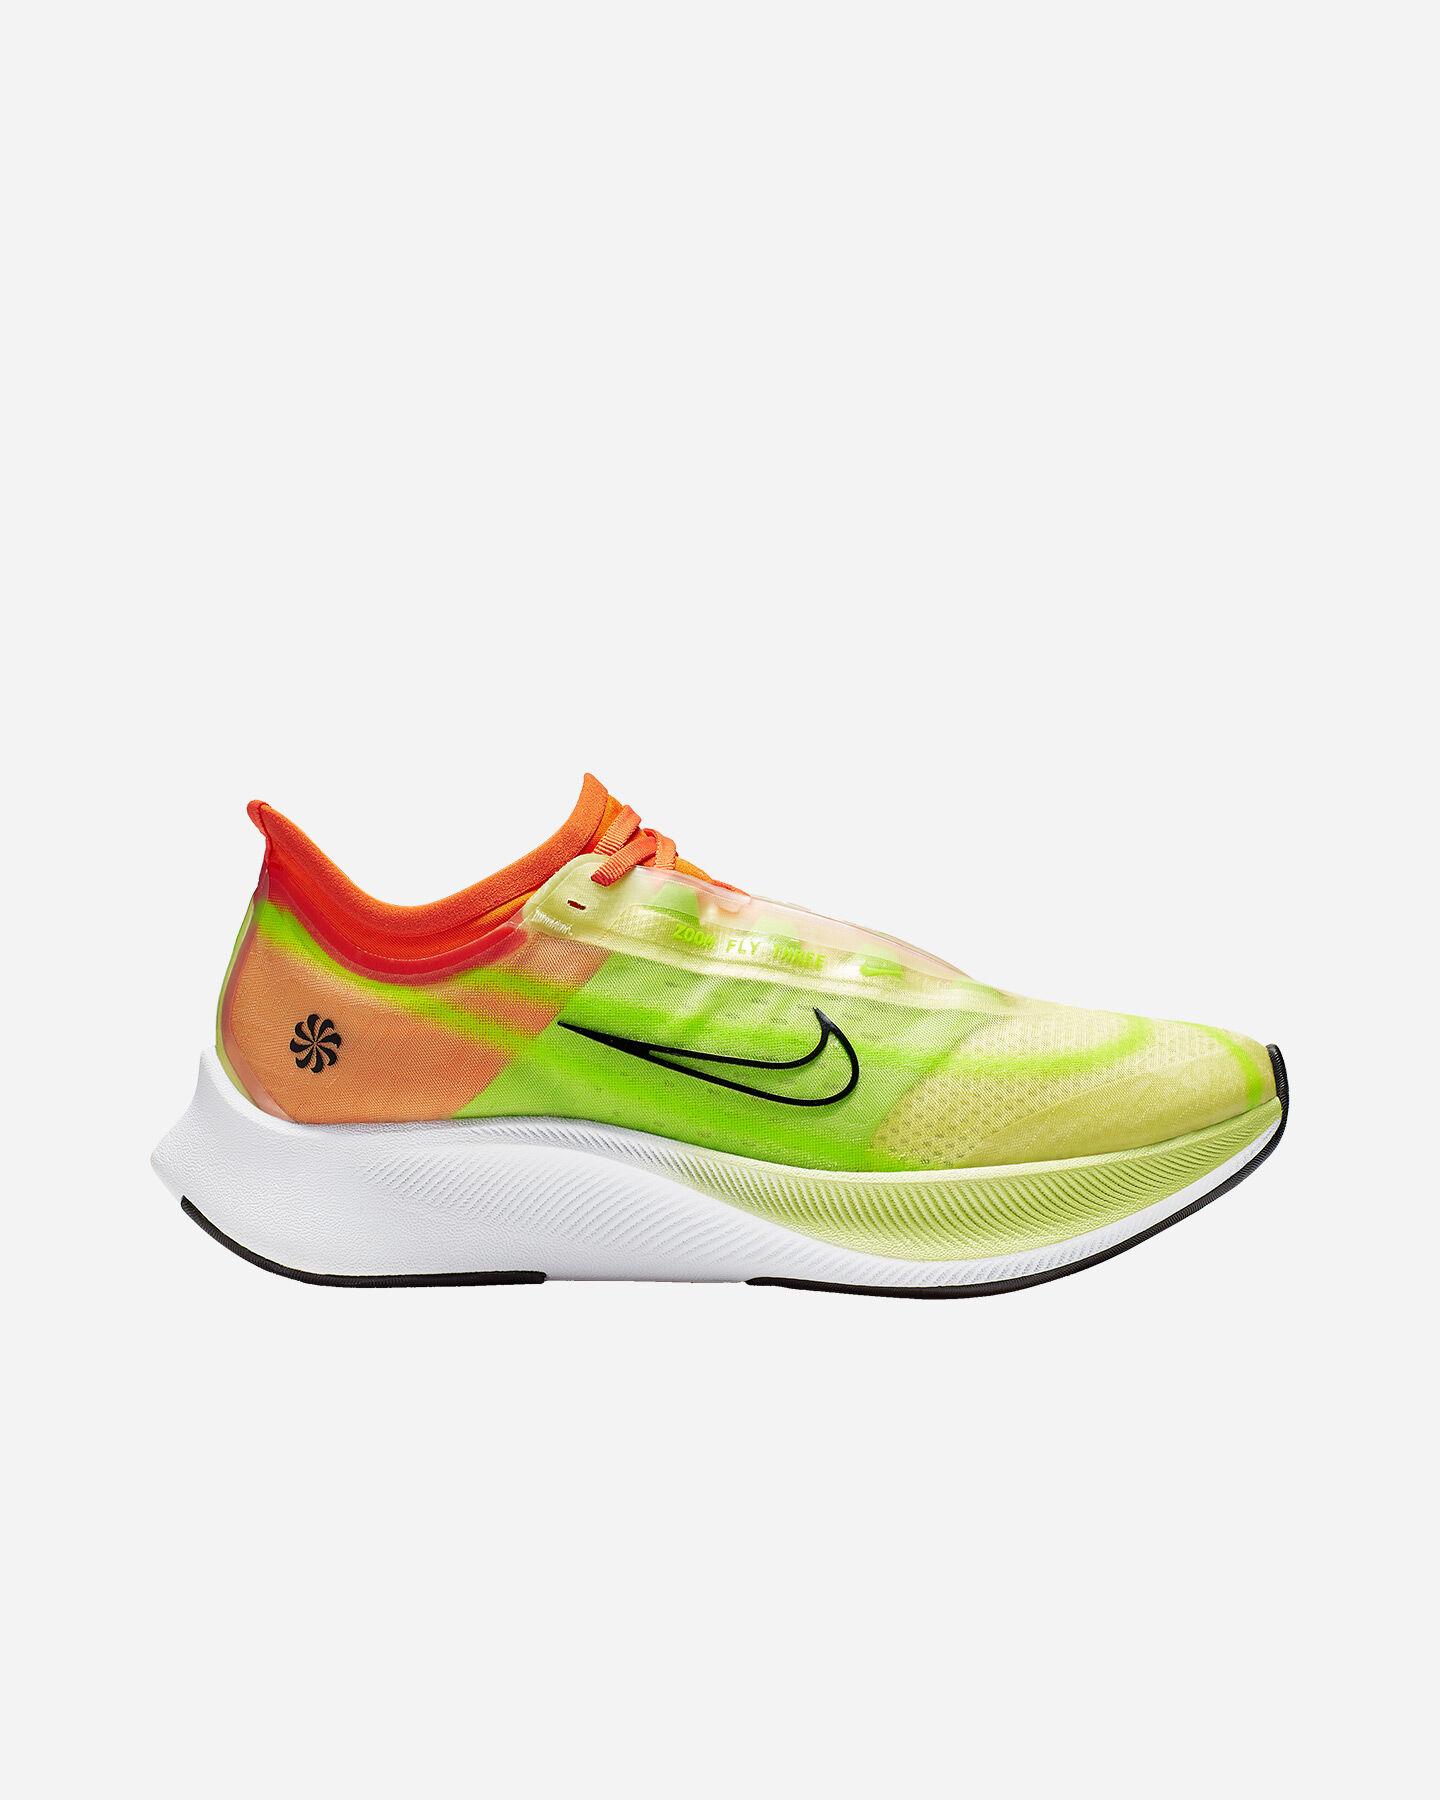 Nike Donna scarpe e abbigliamento su Cisalfa Sport